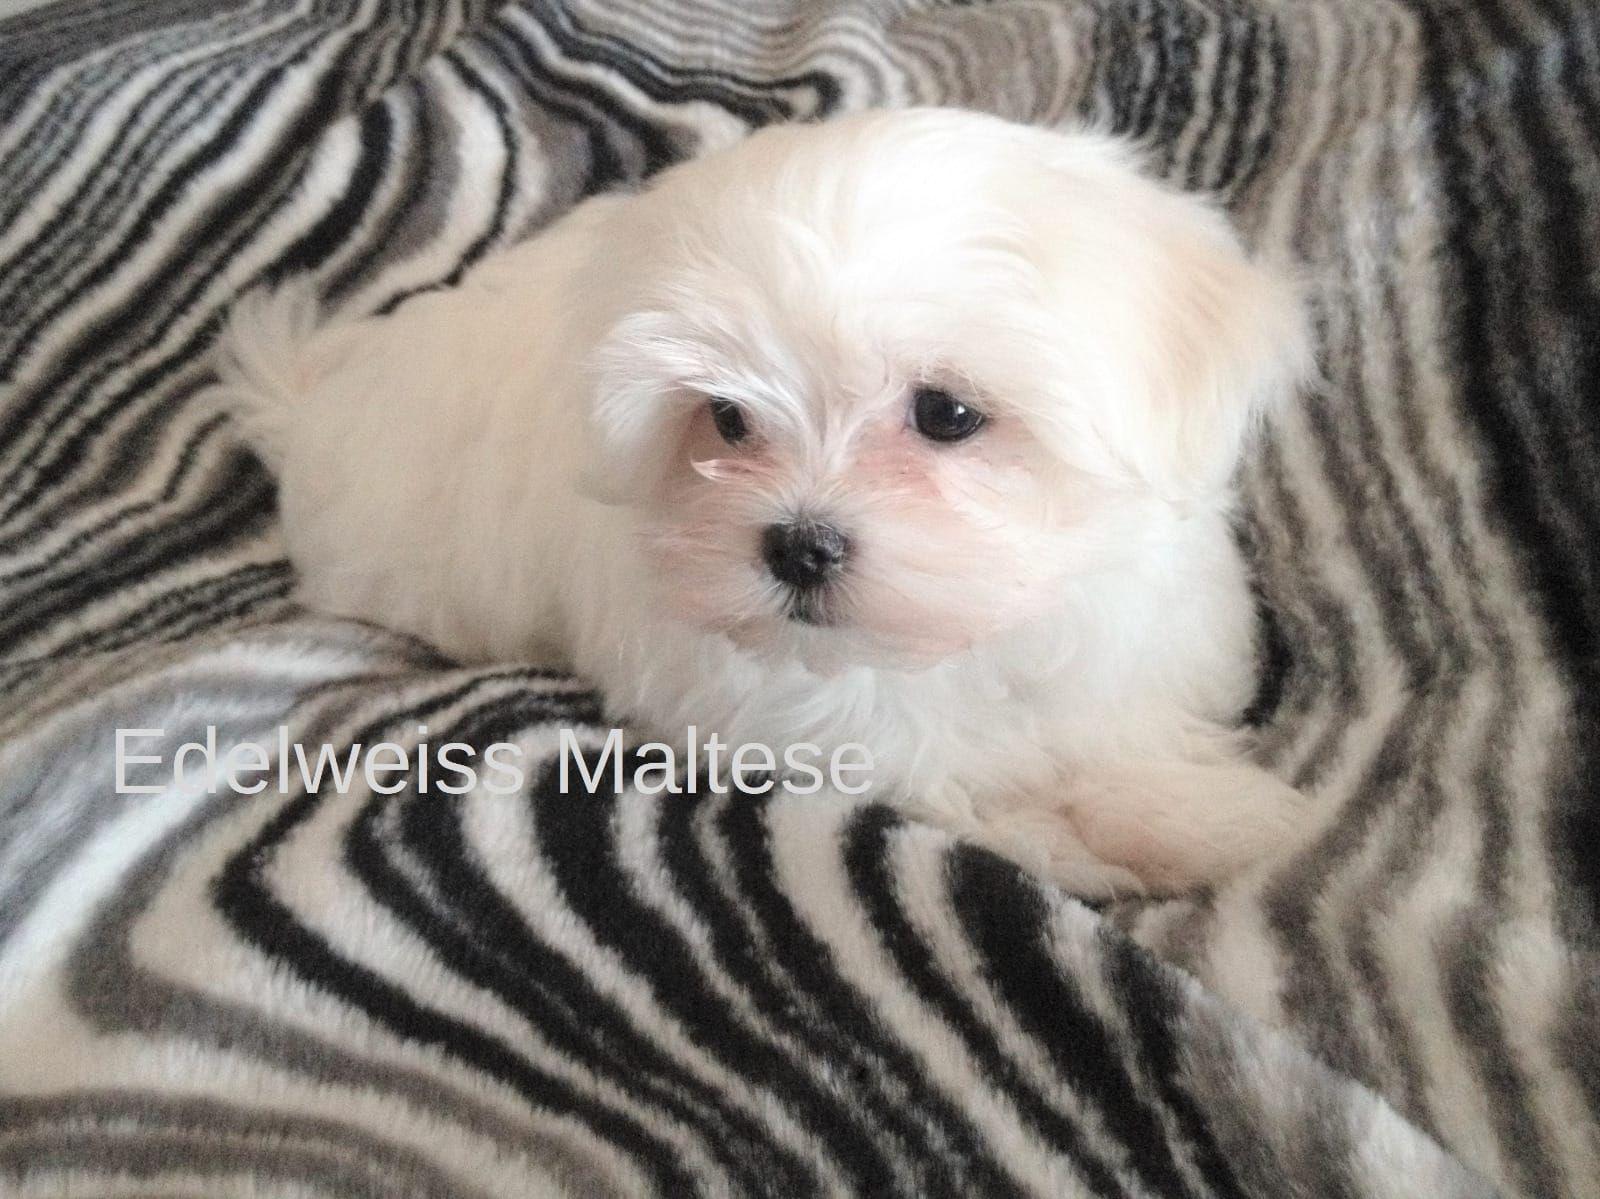 Bildschone Mini Malteser Bad Aibling Malteser Deine Tierwelt De Malteserwelpen Kleine Hunde Haustiere